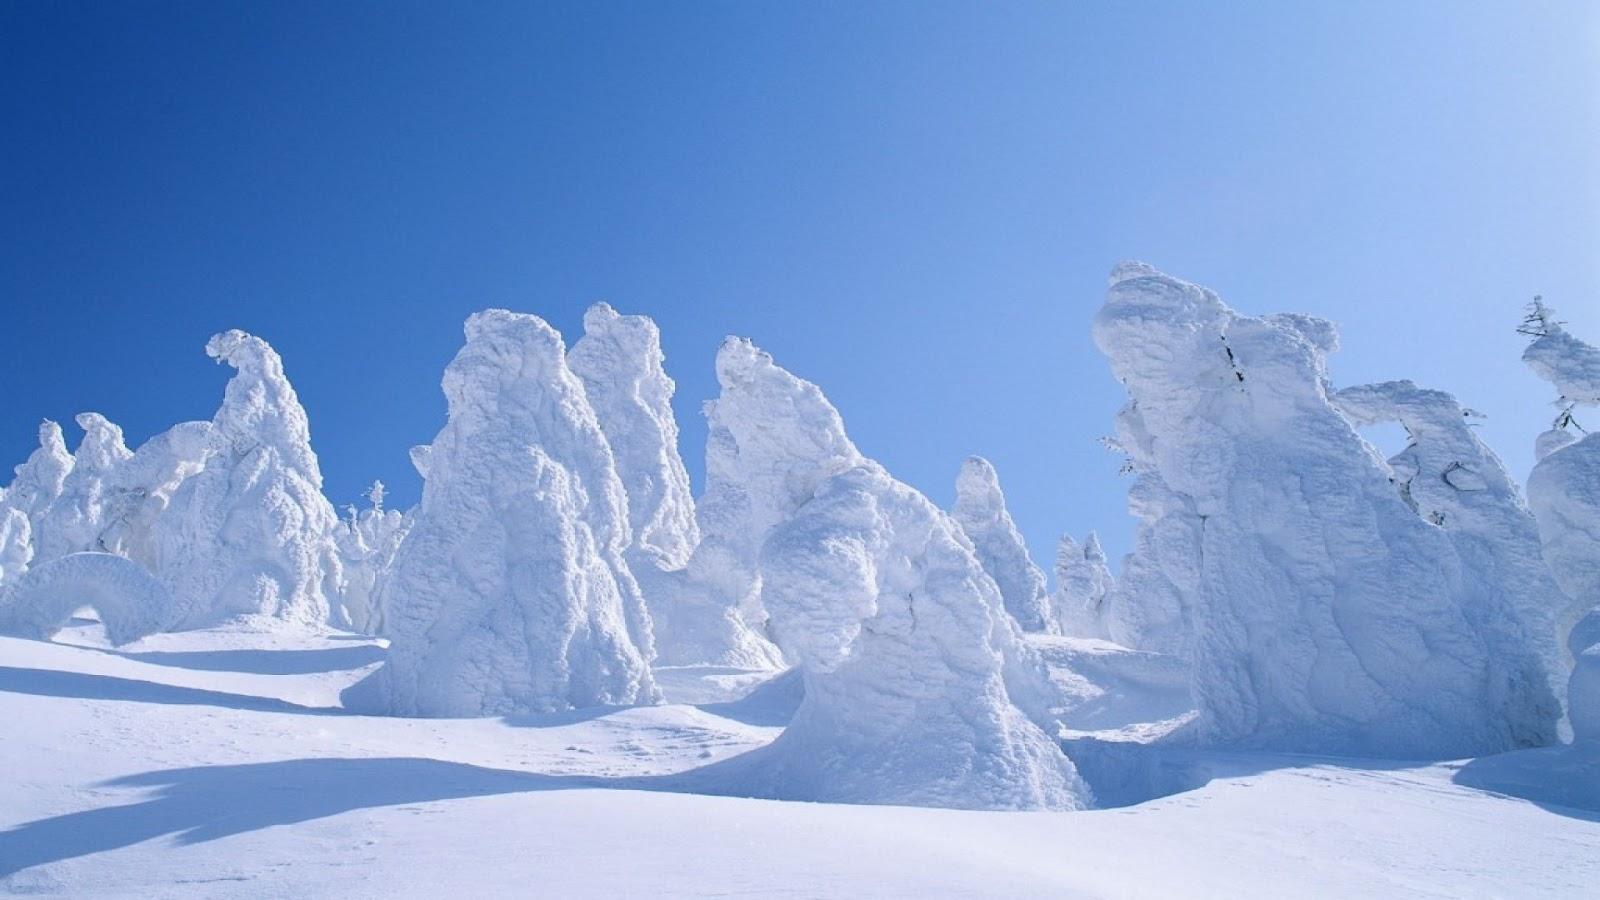 Fond ecran paysage hiver maison fonds d 39 cran hd for Fond ecran iphone paysage